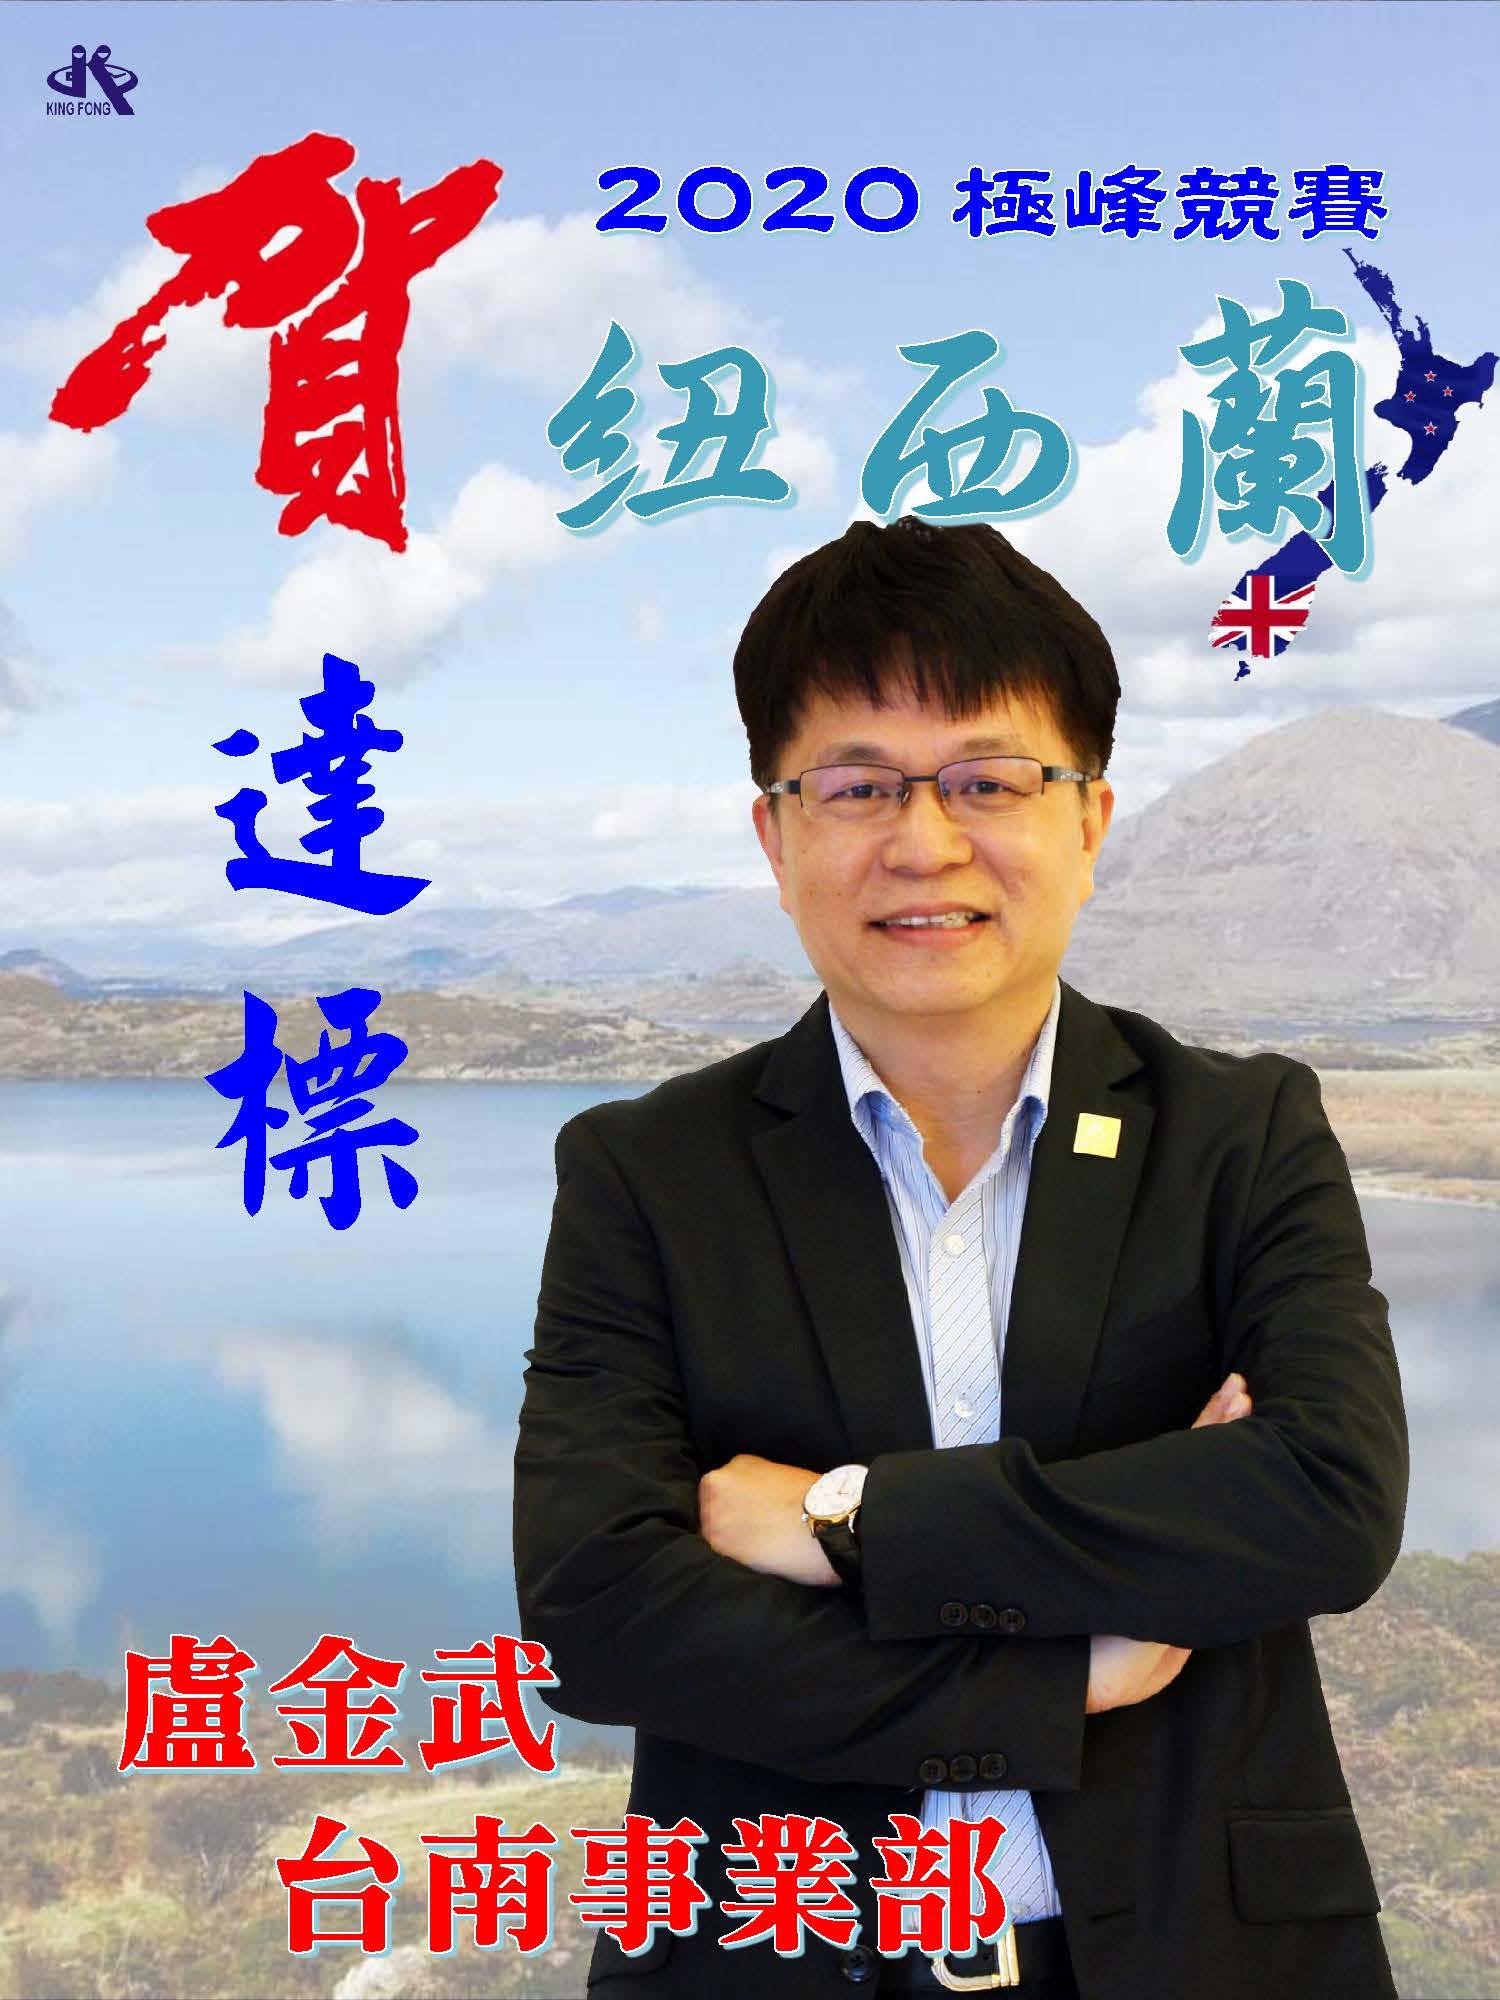 20200623-2020年極峰競賽紐西蘭英雄榜-盧金武